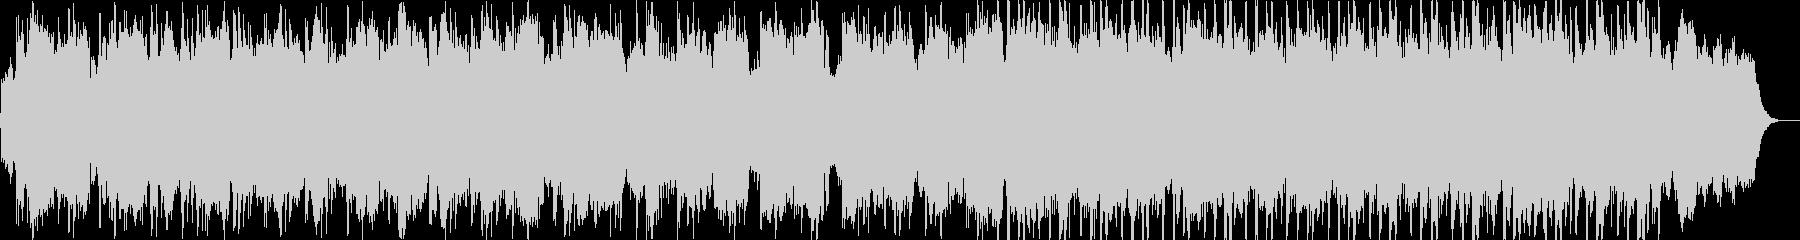 チェロによるバラードの未再生の波形